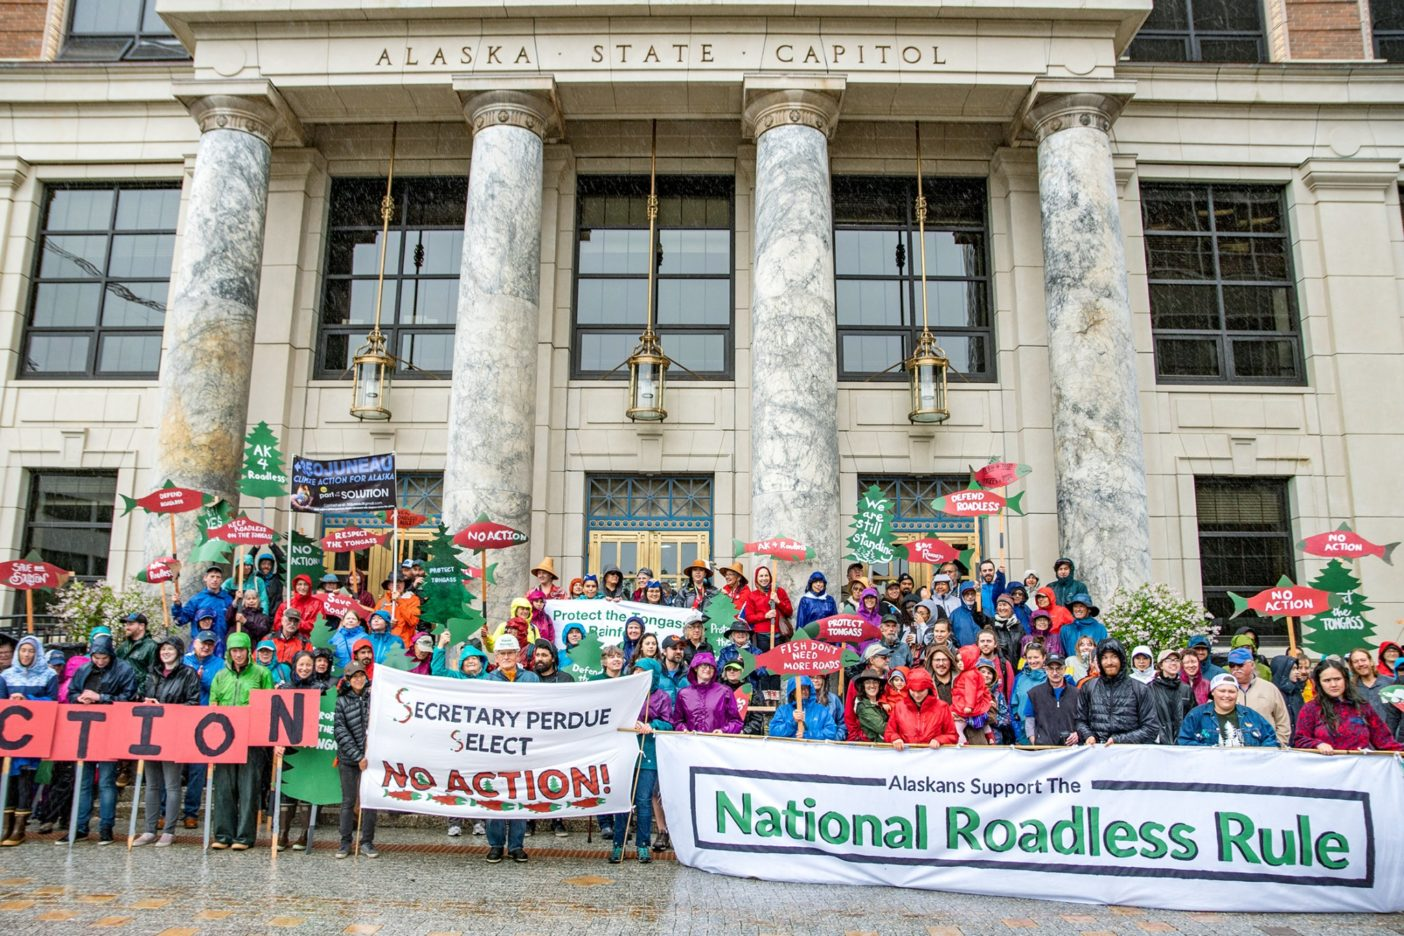 ロードレス規定の支持を訴えるため、アラスカ州会議事堂の前でデモを行うアラスカ南東部の住民たち。ジュノーPhoto:ColinColin Arisman